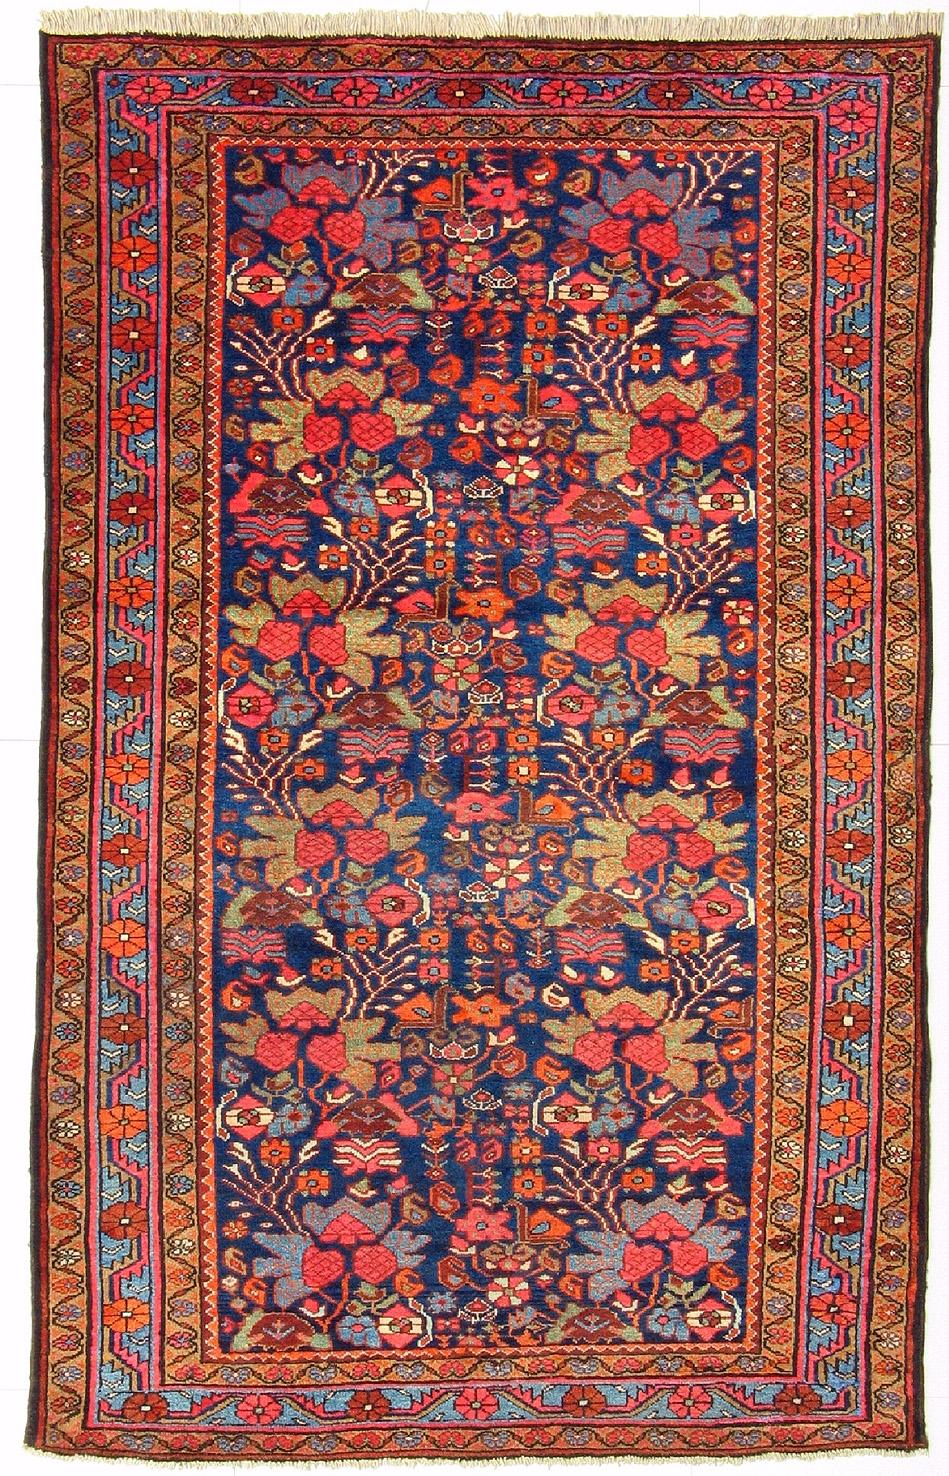 Old Persian Azerbaijani Zanjan Rug